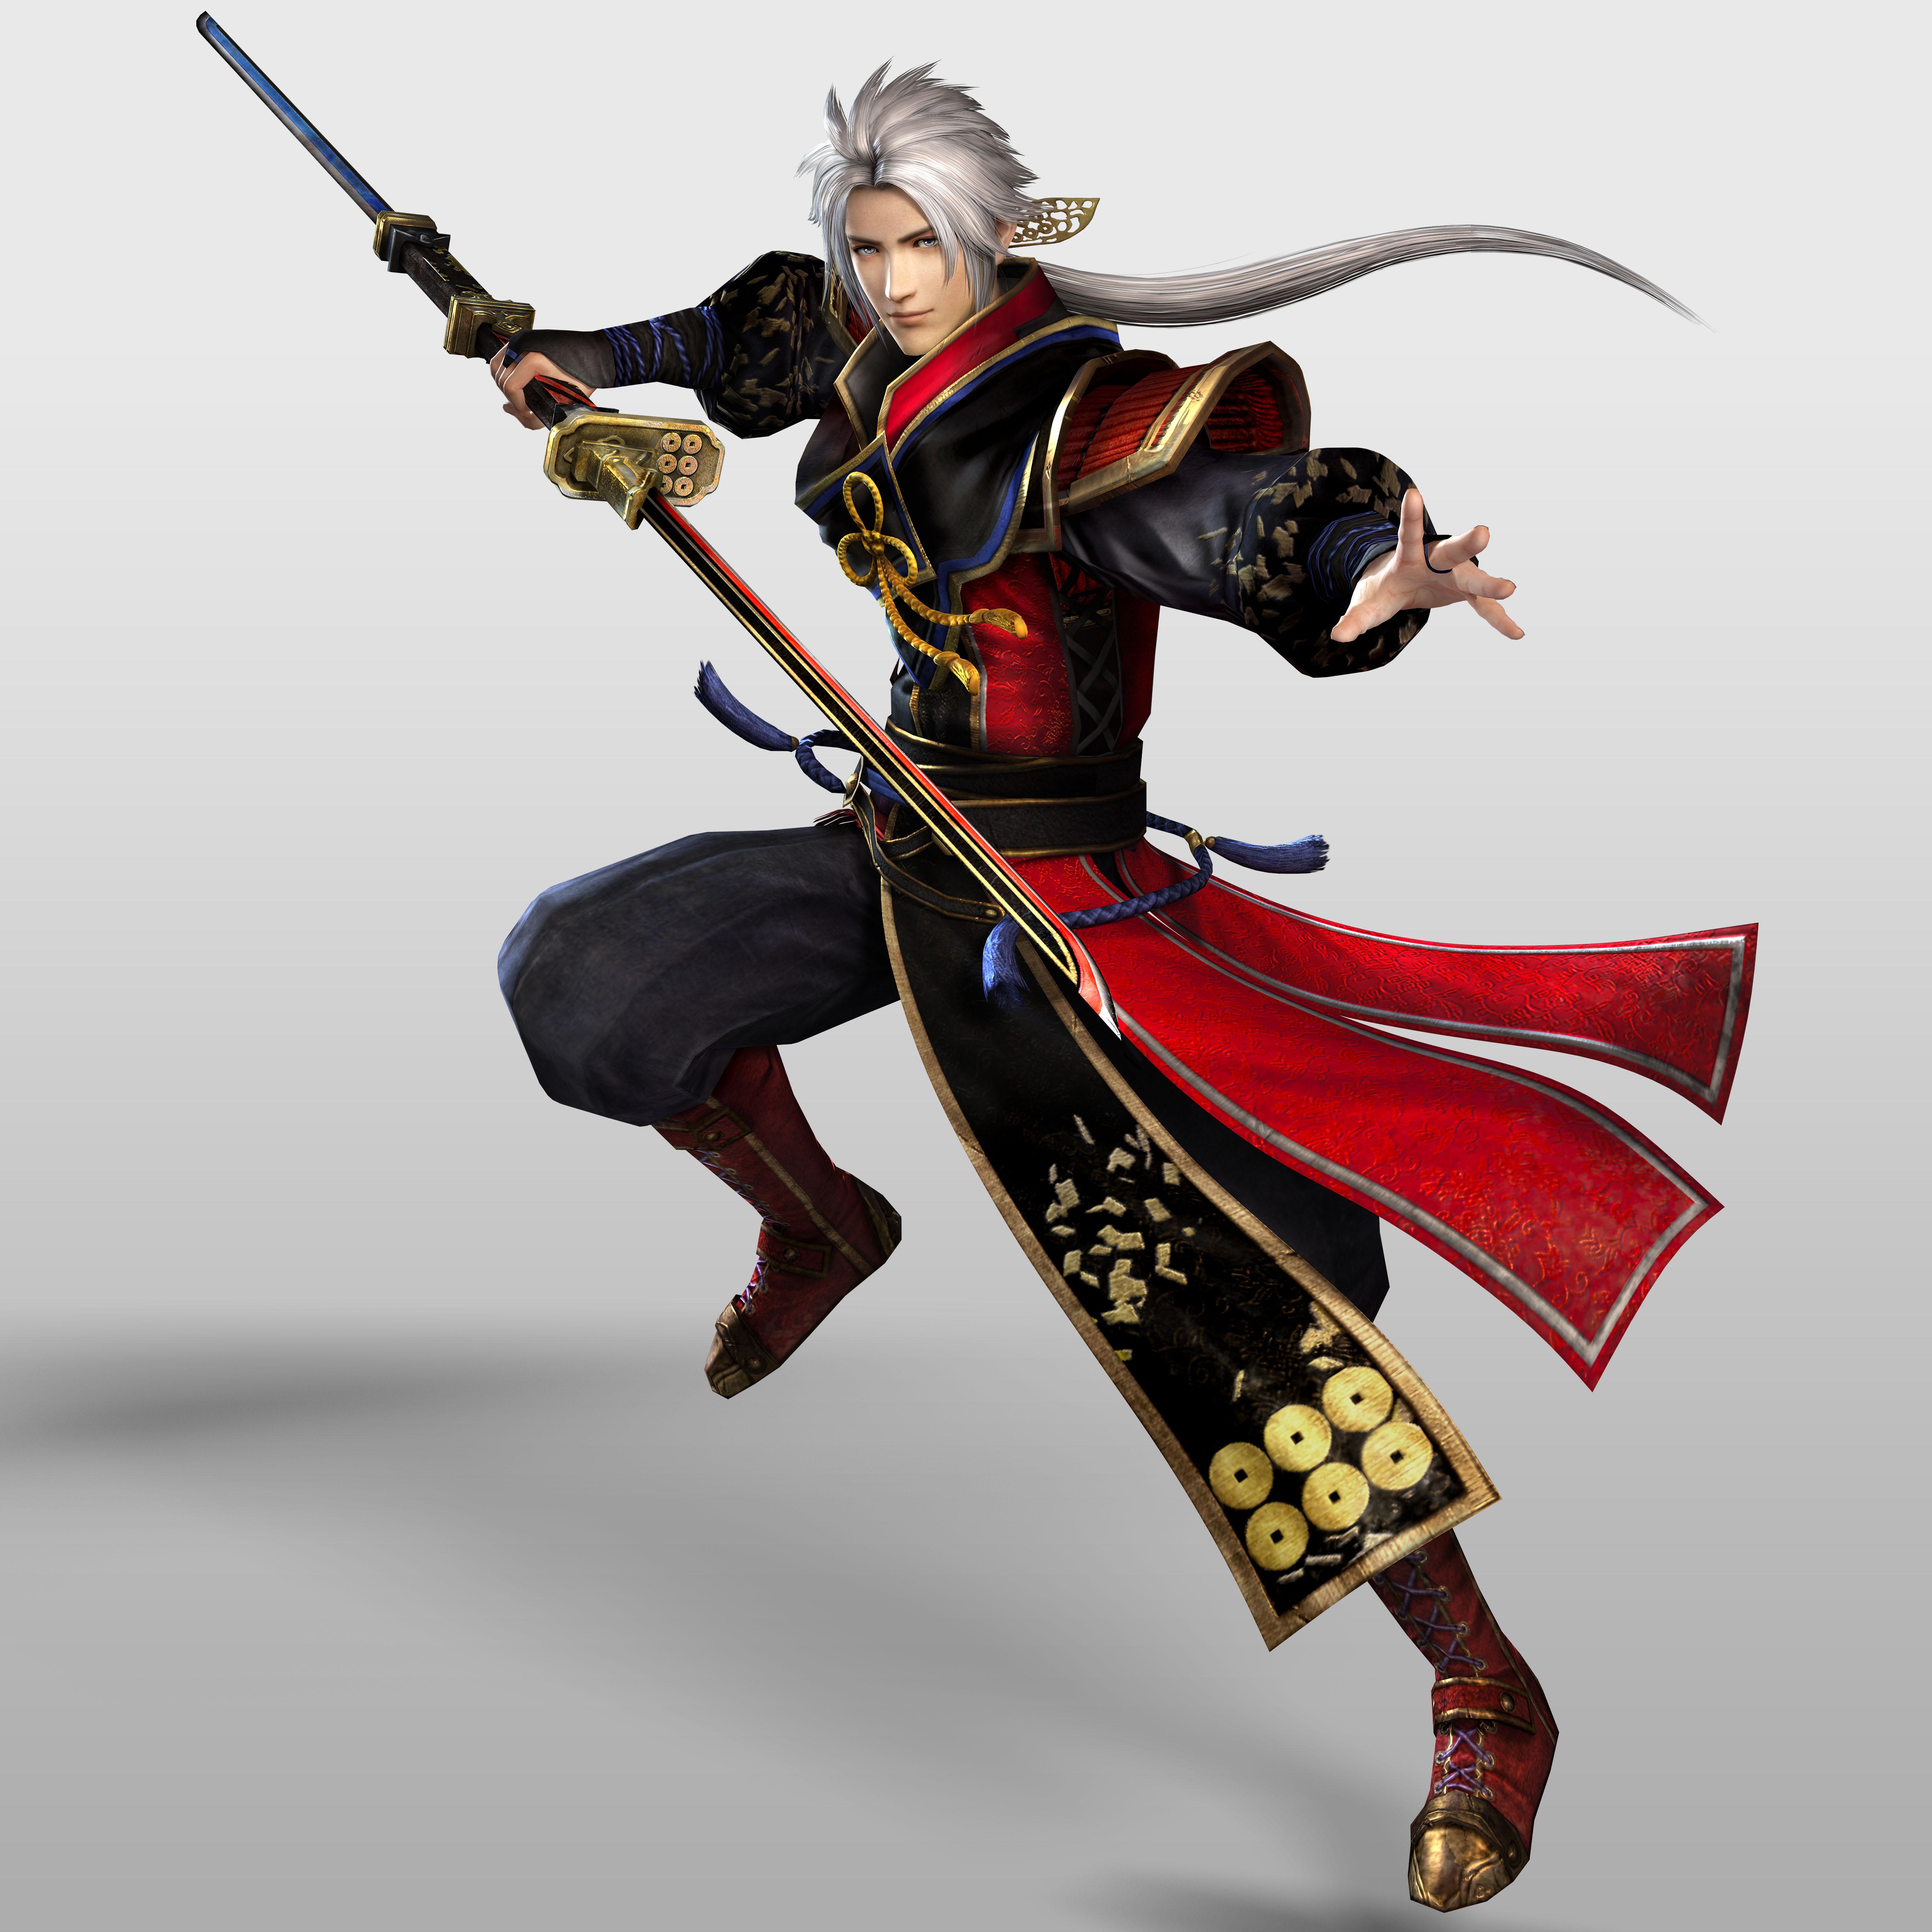 Samurai Warriors 4 09-07-14 005